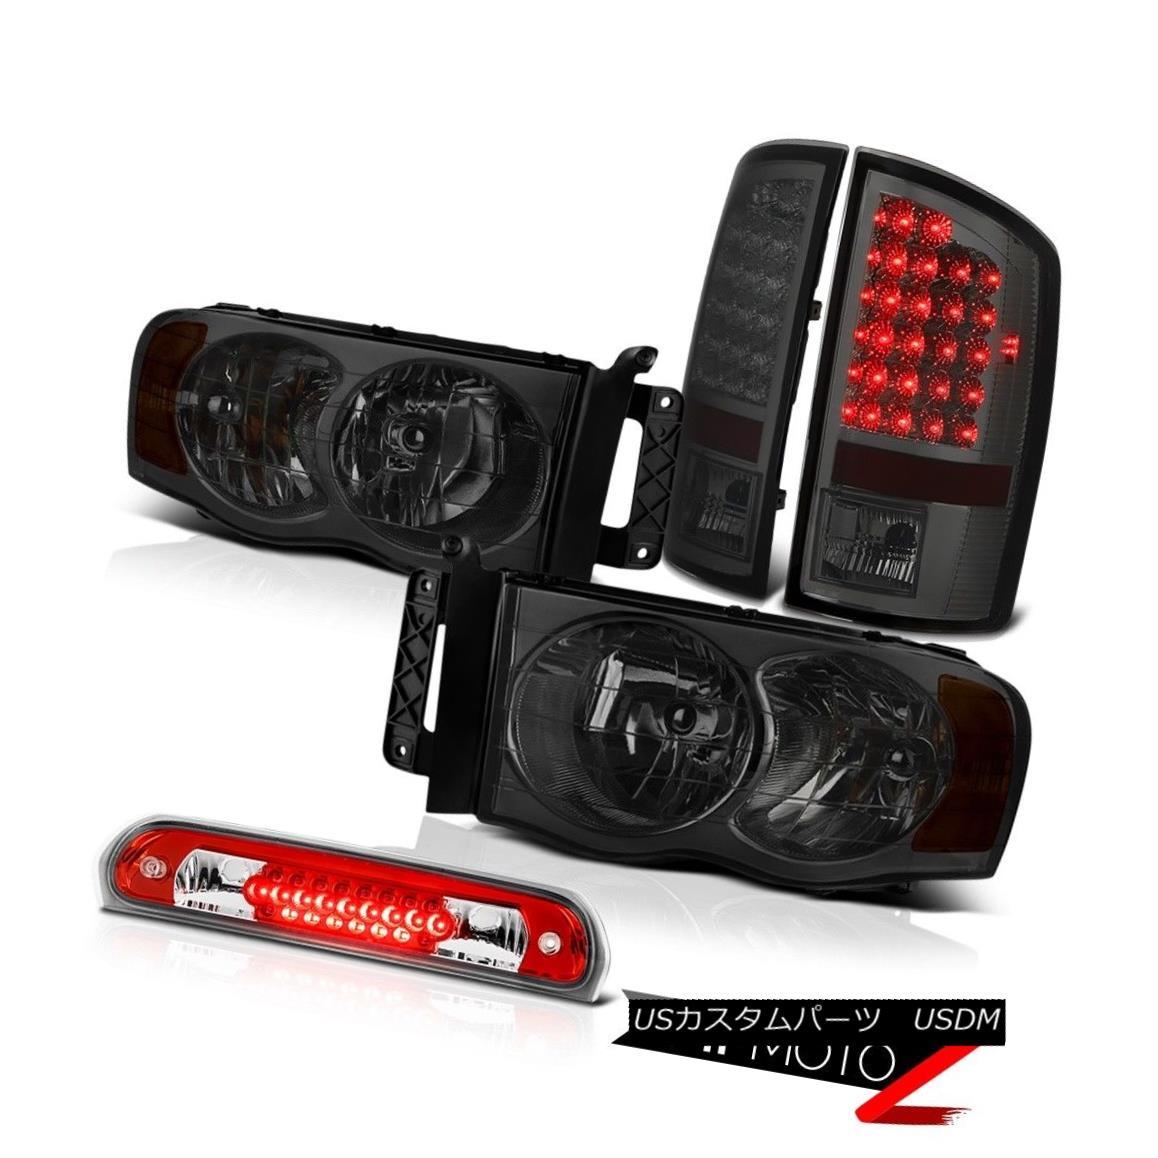 ヘッドライト Tinted Headlights L+R Smoke LED Tail Lamps Wine Red Third Brake 2002-2005 Ram ST 着色ヘッドライトL + RスモークLEDテールランプワインレッド第3ブレーキ2002-2005 Ram ST